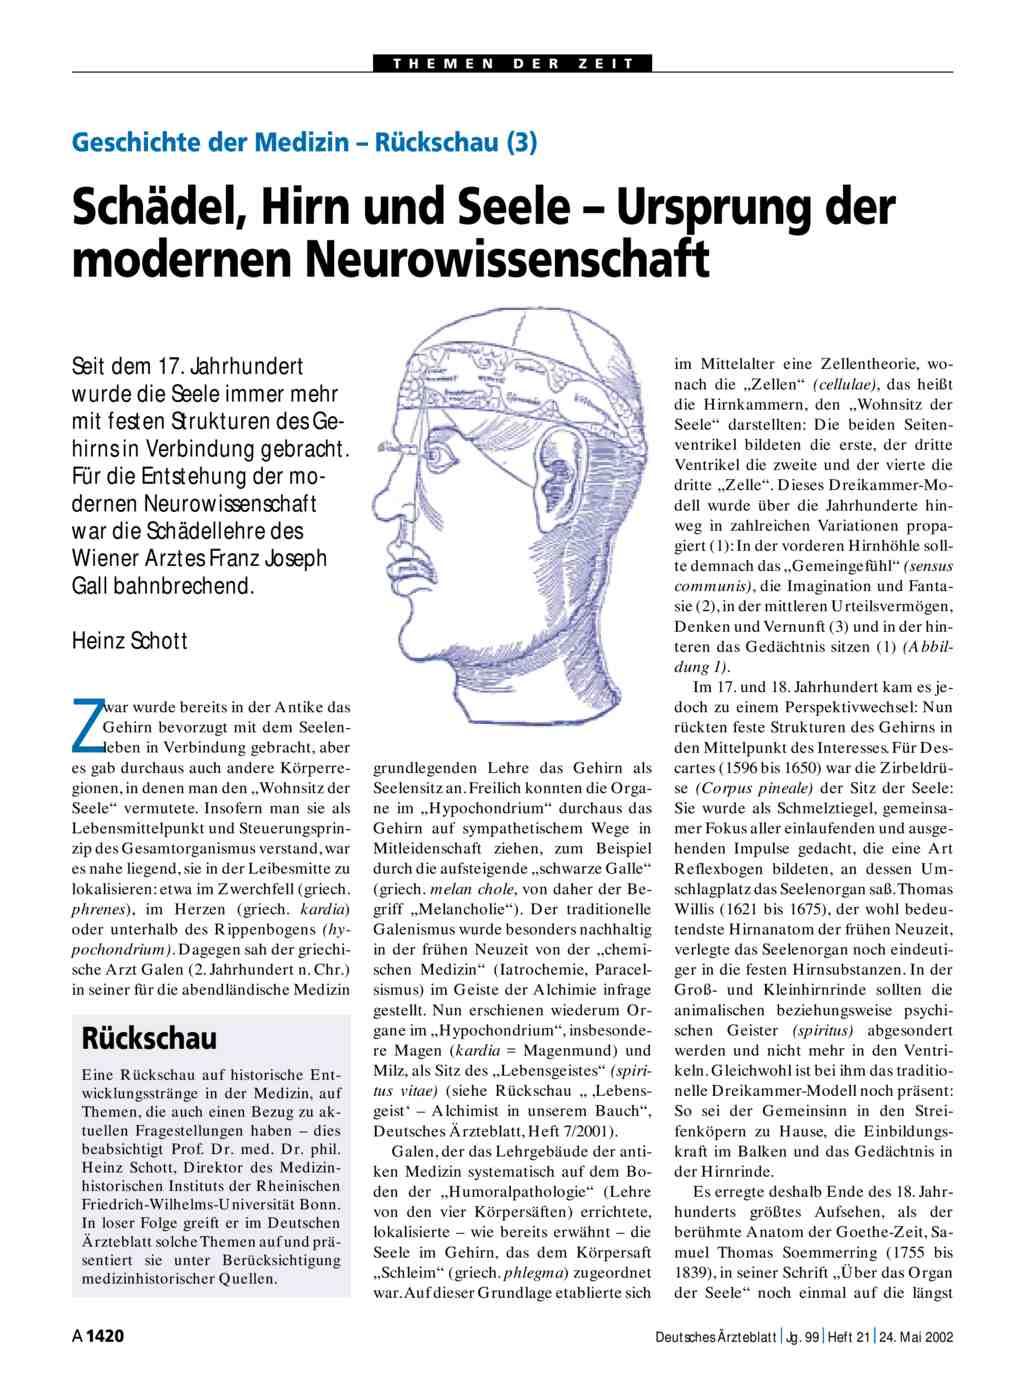 Geschichte der Medizin – Rückschau (3): Schädel, Hirn und Seele ...